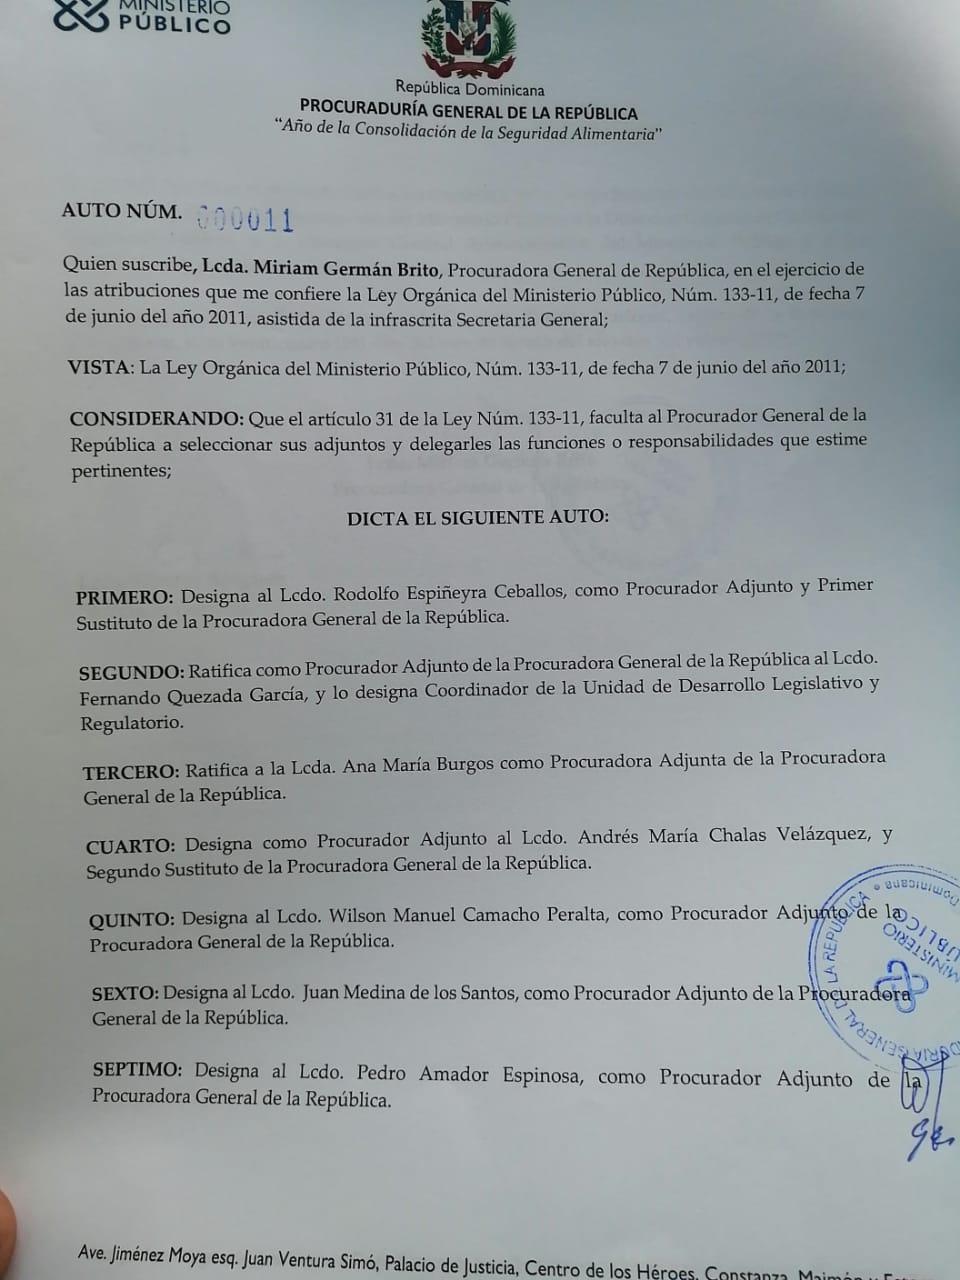 Miriam Germán designa a procuradores adjuntos en ejercicio de la ley No. 133-11